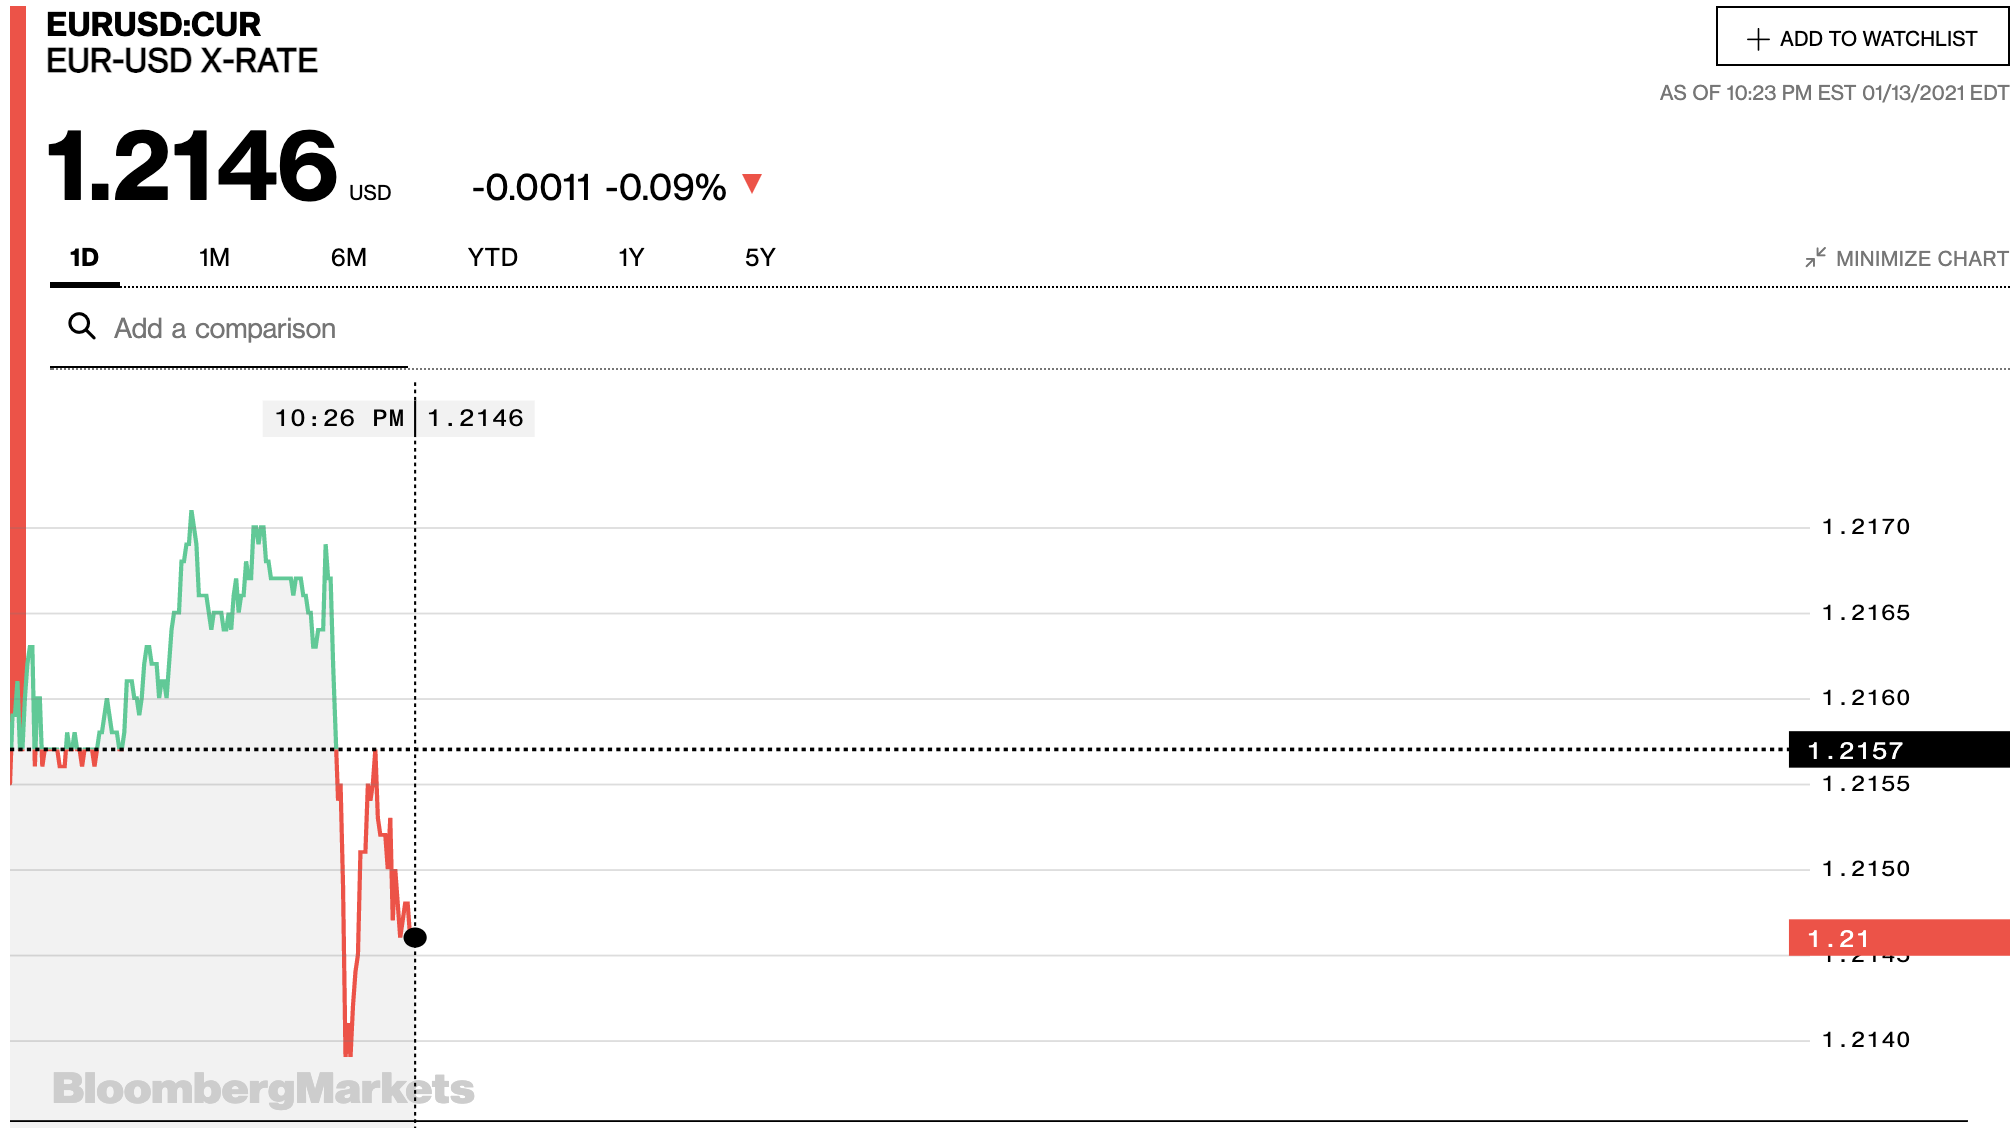 Tỷ giá euro hôm nay 14/1: Giảm đồng loạt tại các ngân hàng và thị trường chợ đen - Ảnh 2.